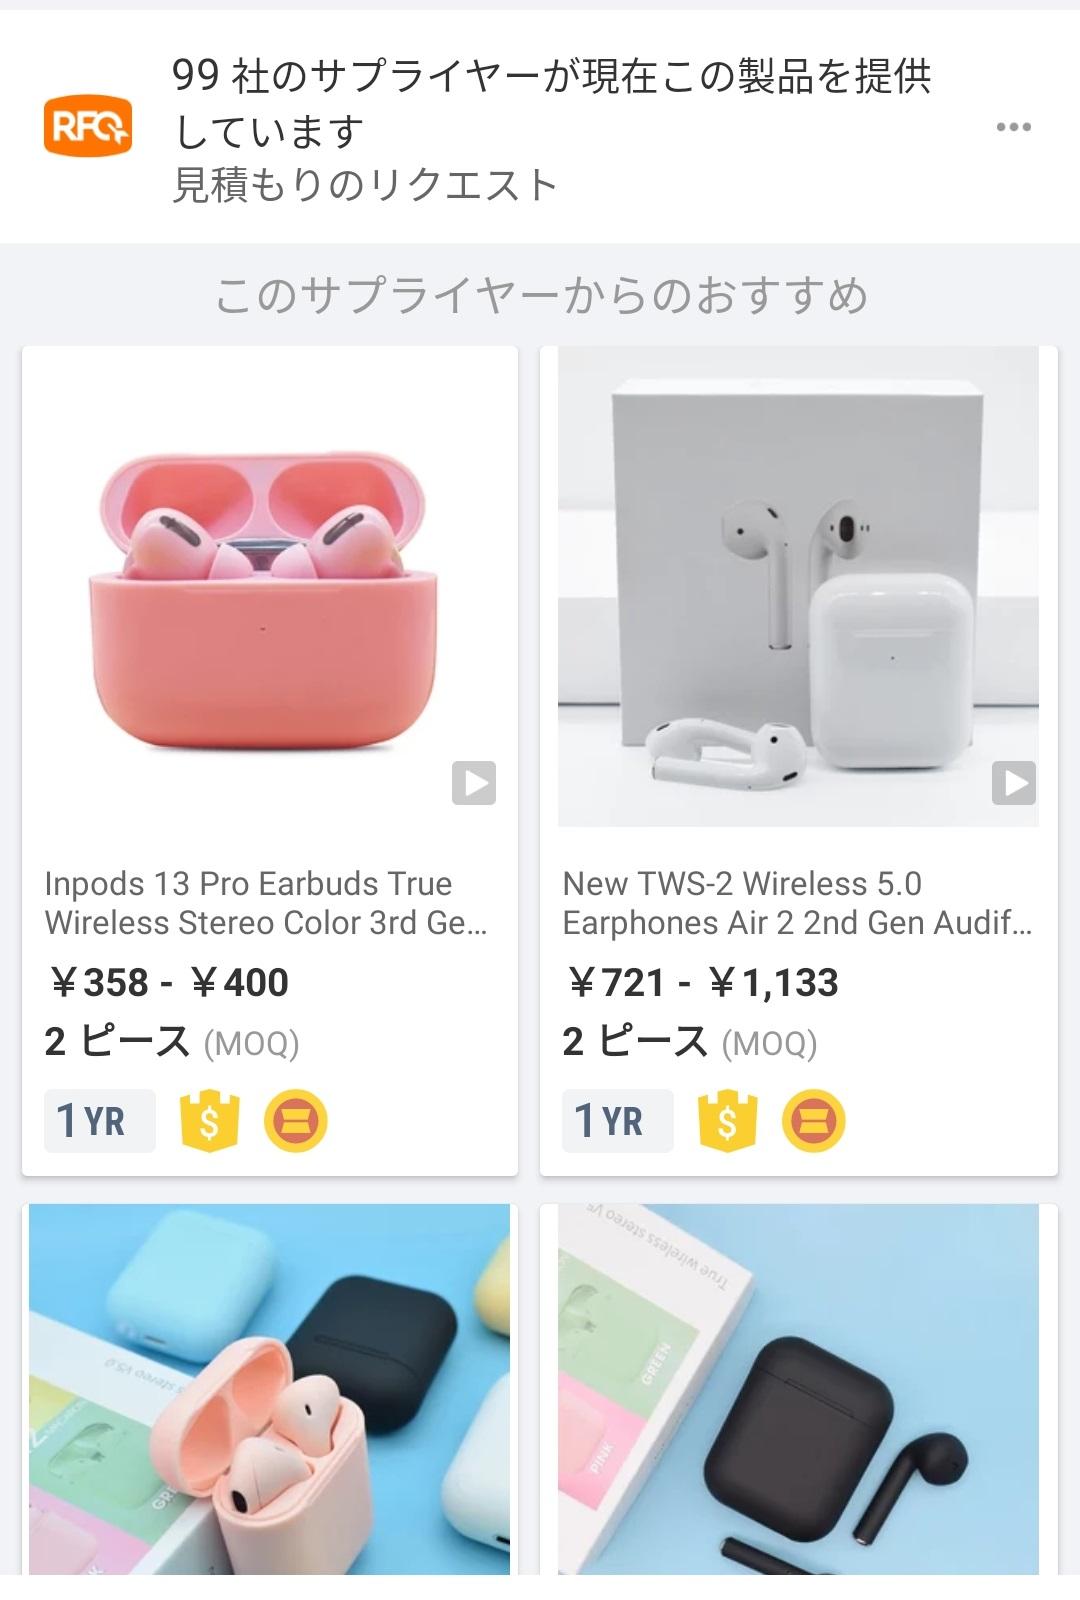 Alibaba.com おすすめ商品